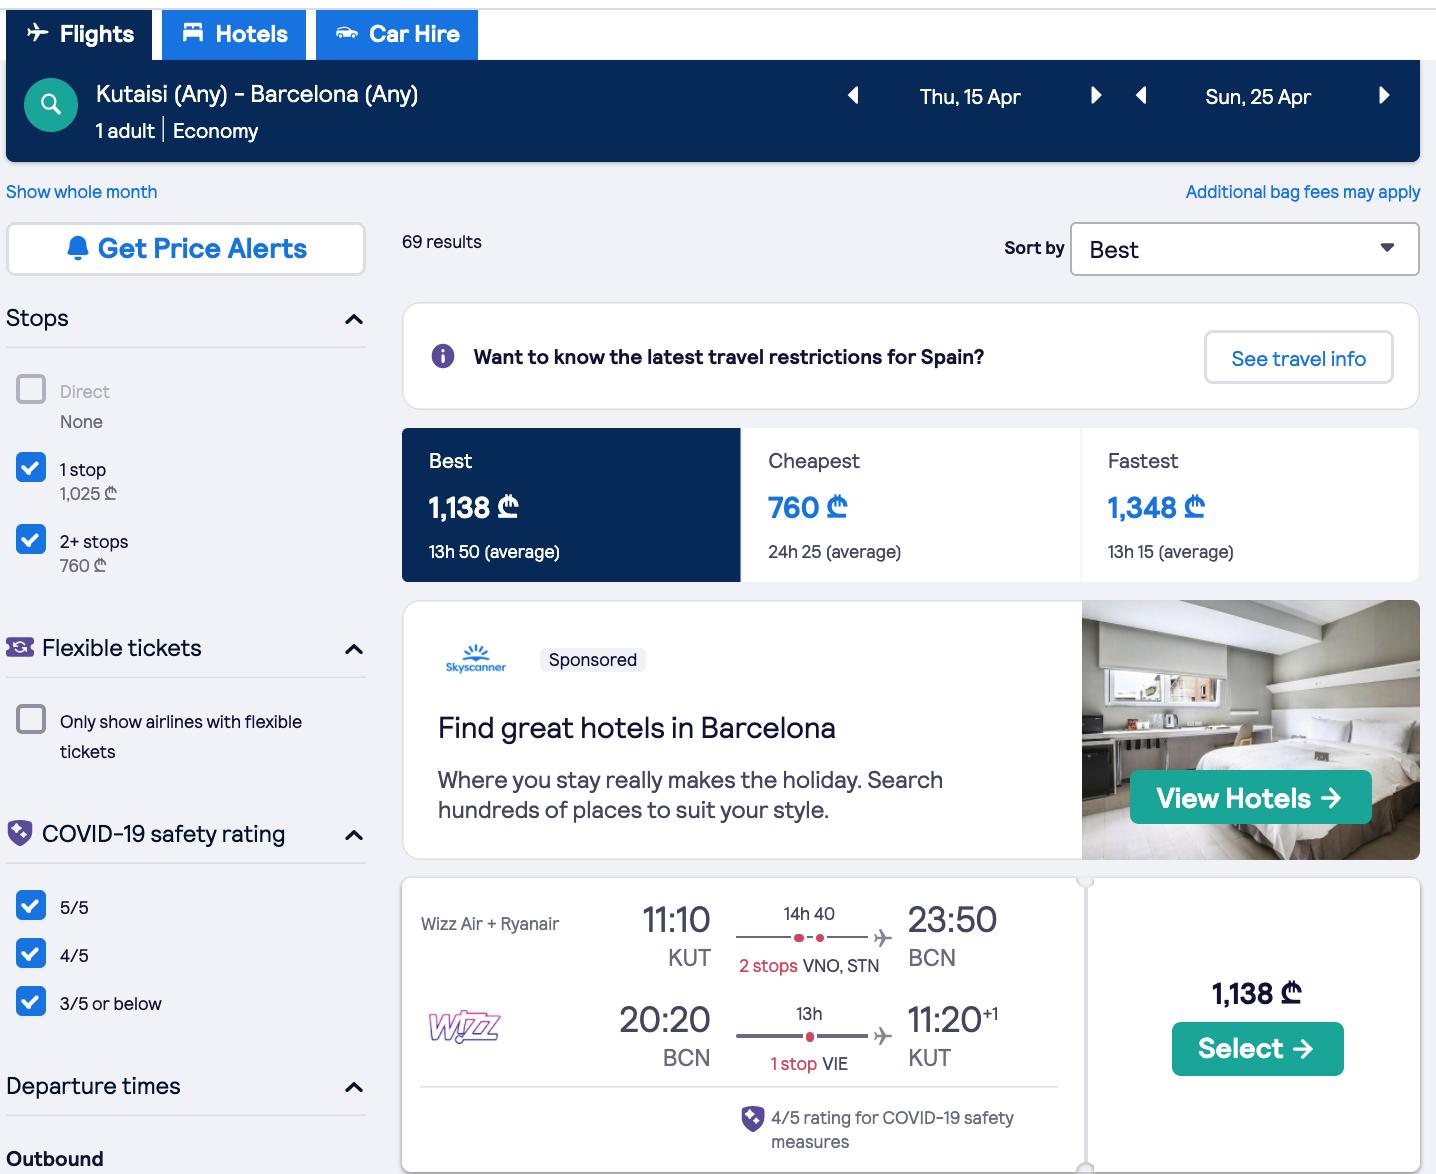 Vuelos Wizz Air. Comienzan a aperturar nuevas líneas y vuelos a partir de Marzo-Abril 2021. ¡Atentos que los precios irán bajando!